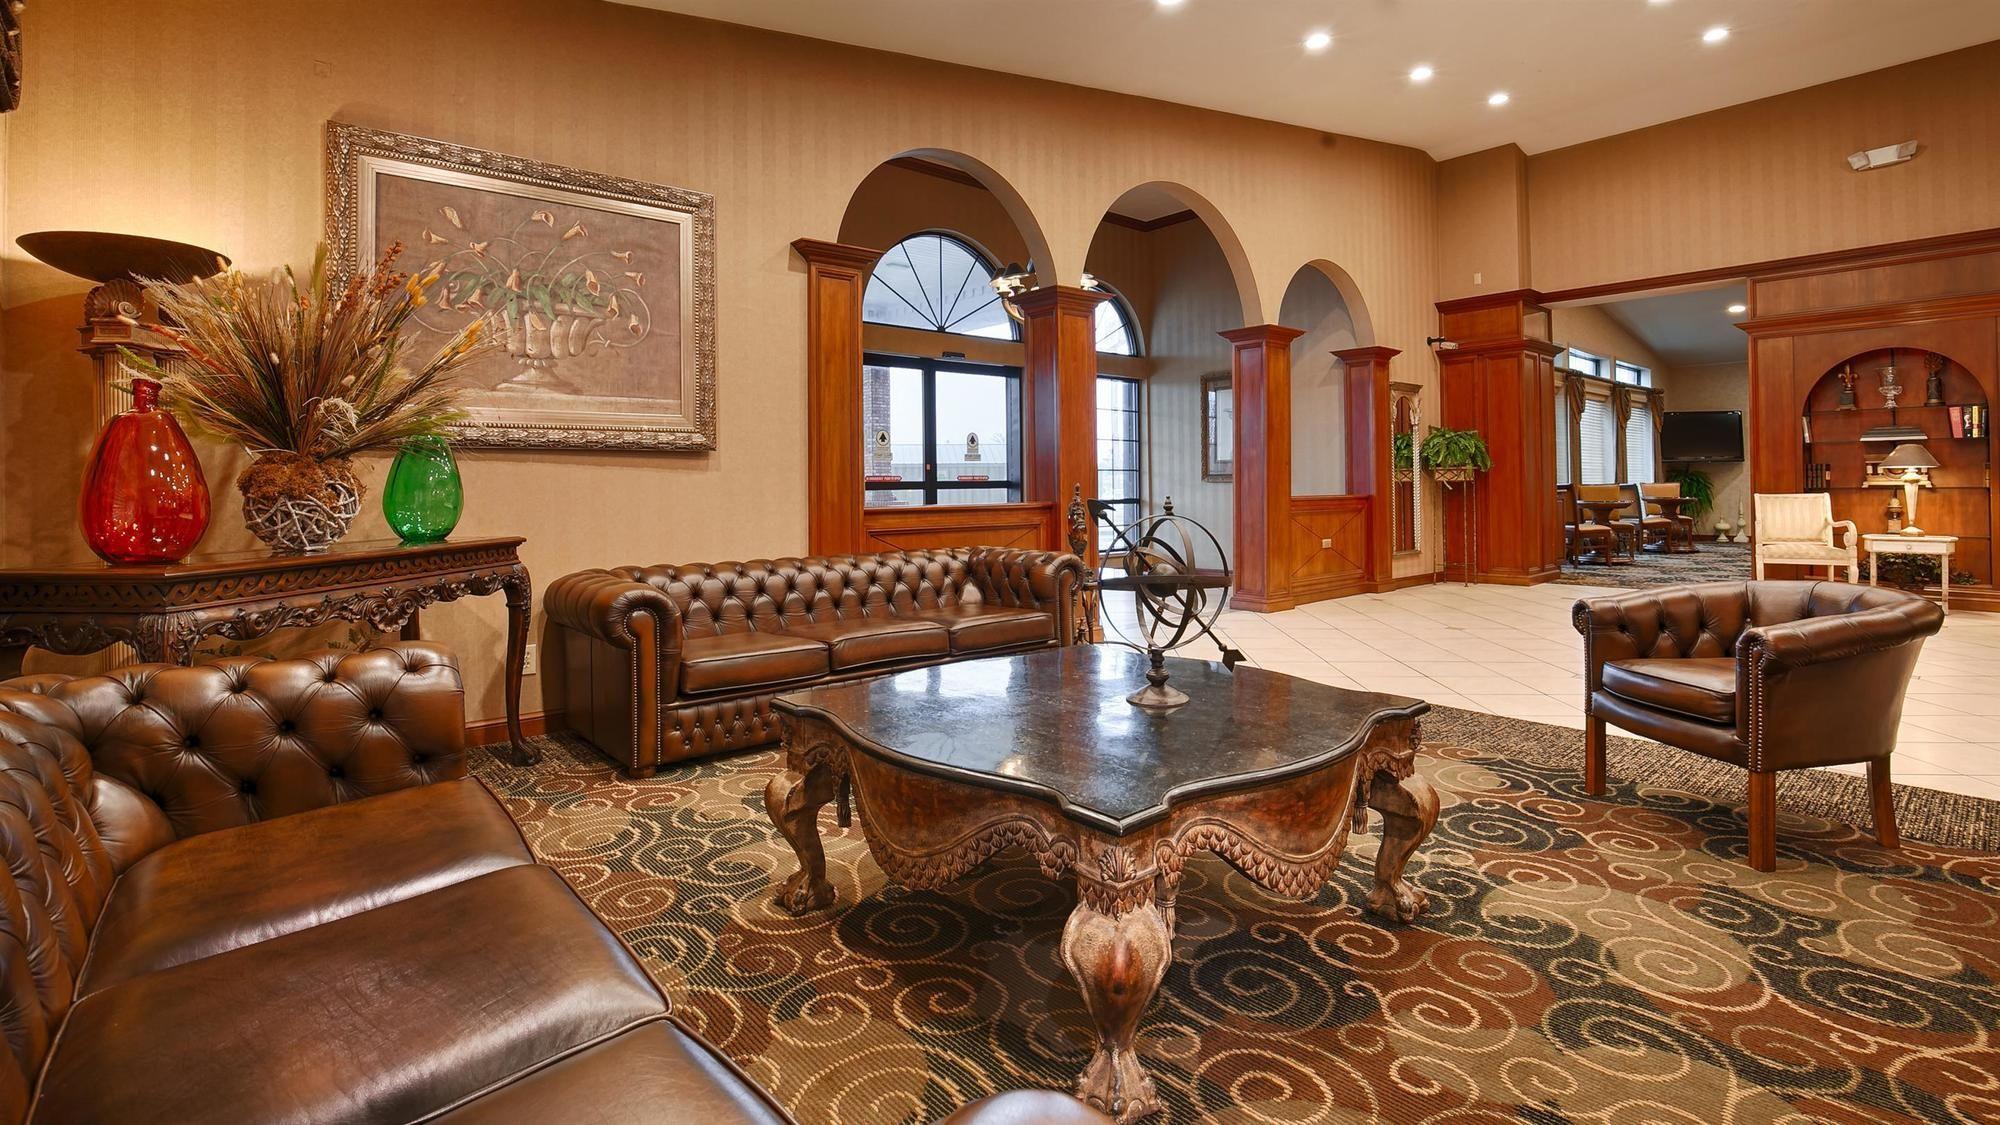 Best Western Plus Bessemer Hotel & Suites in Bessemer, AL